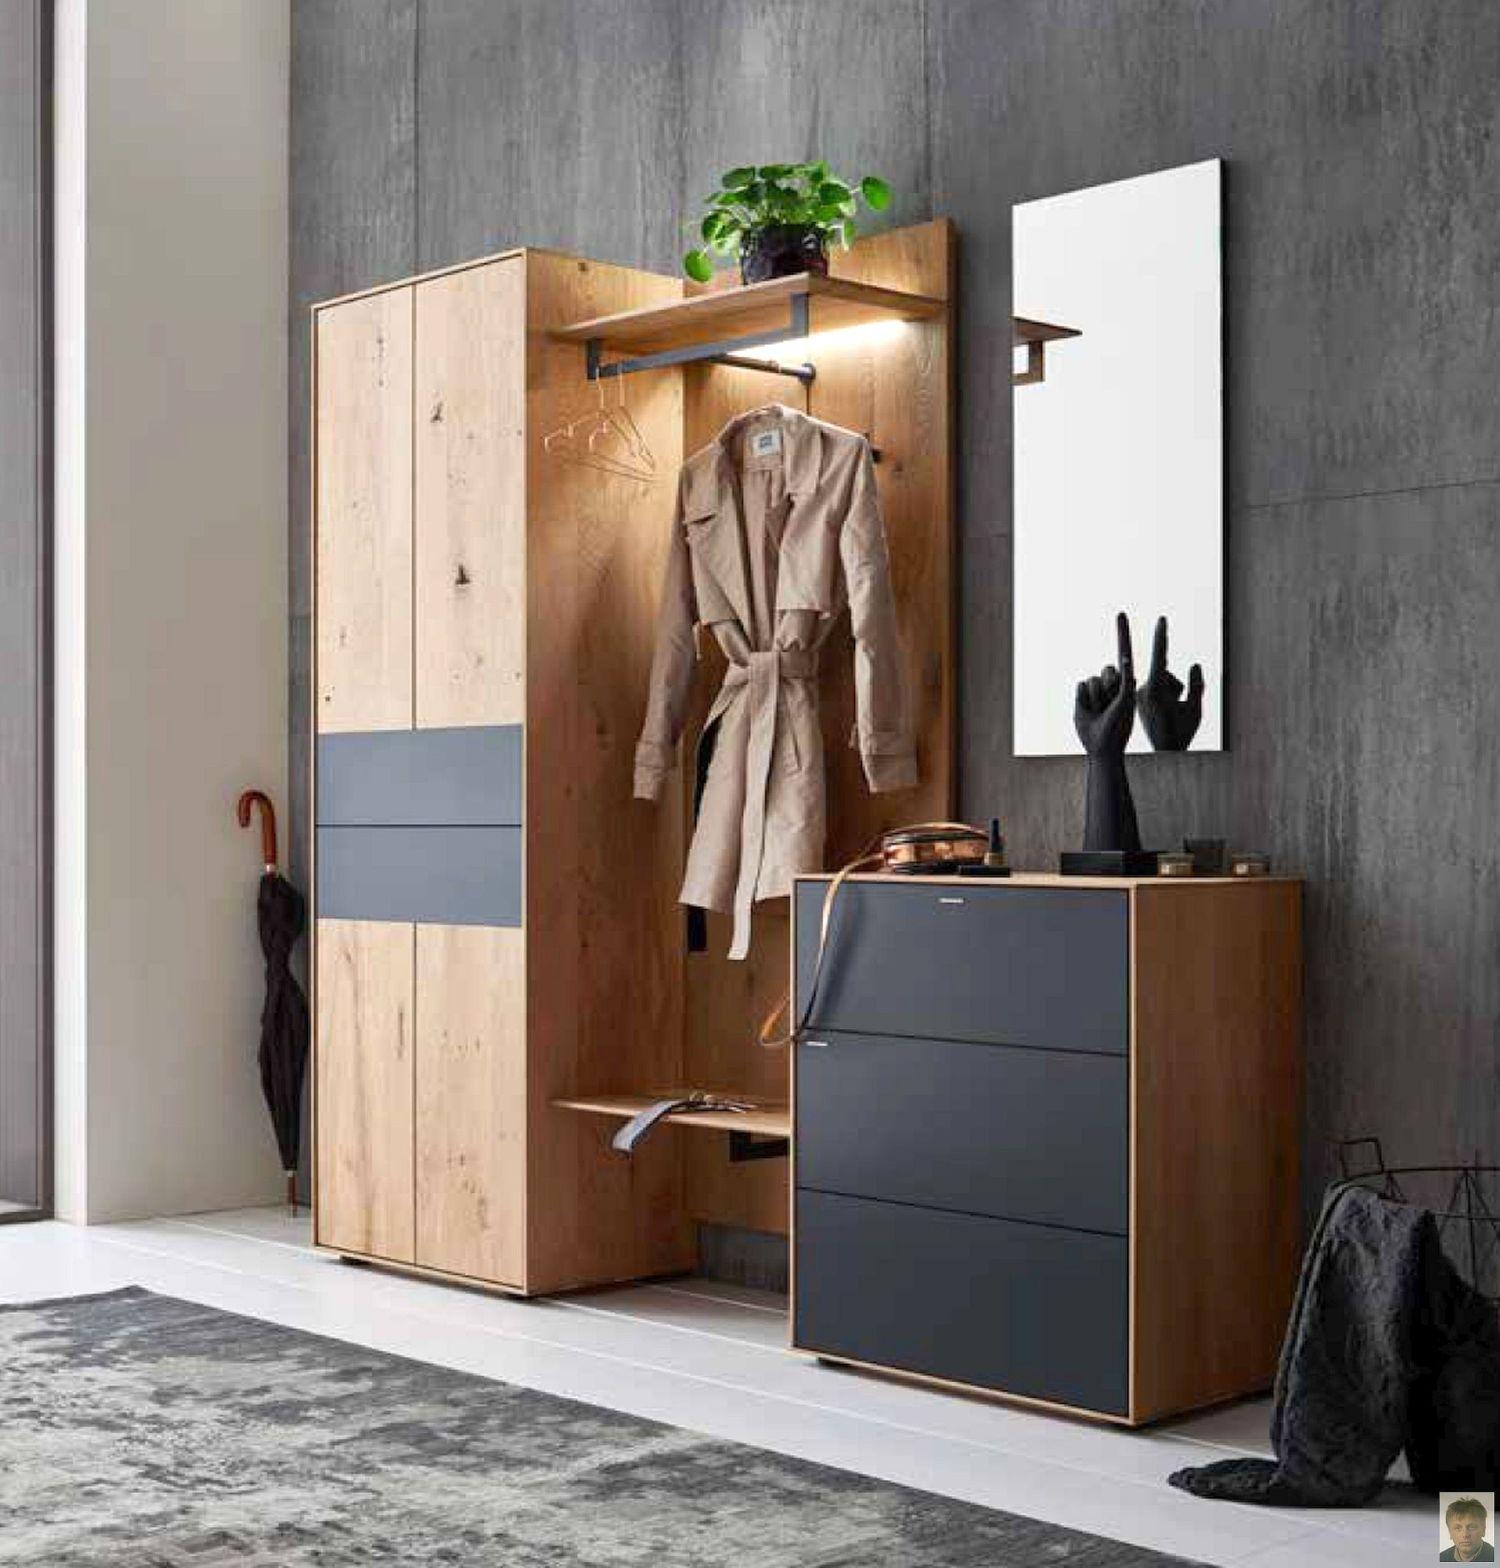 runa garderobe kerneiche natur geb rstet m. Black Bedroom Furniture Sets. Home Design Ideas